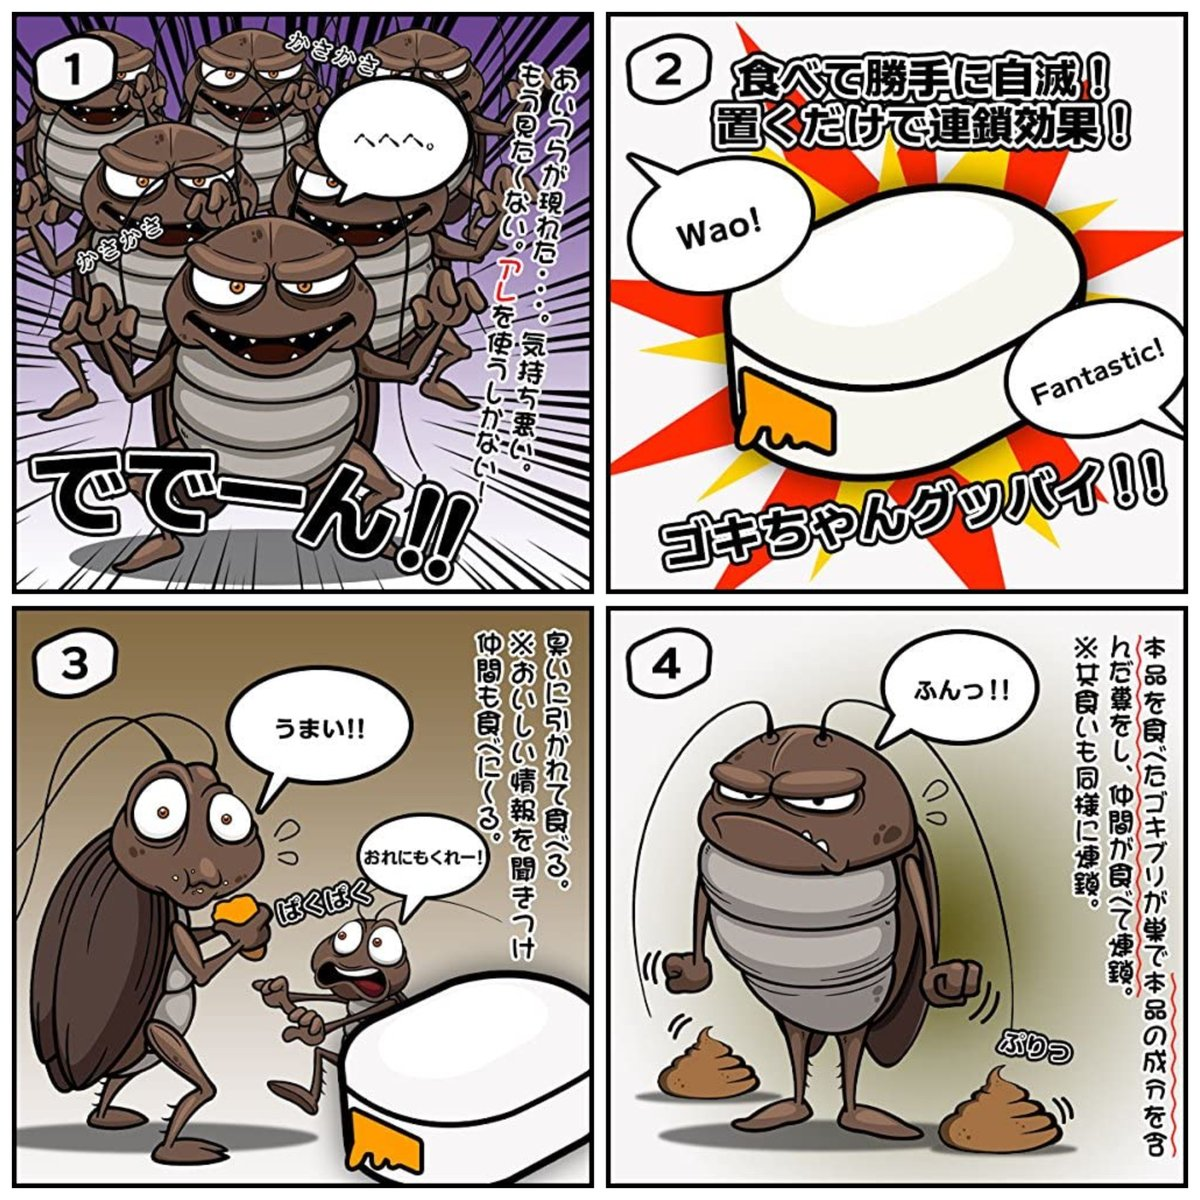 今年の夏はこれで安心!?ゴキブリを駆除する2つの殺虫剤!